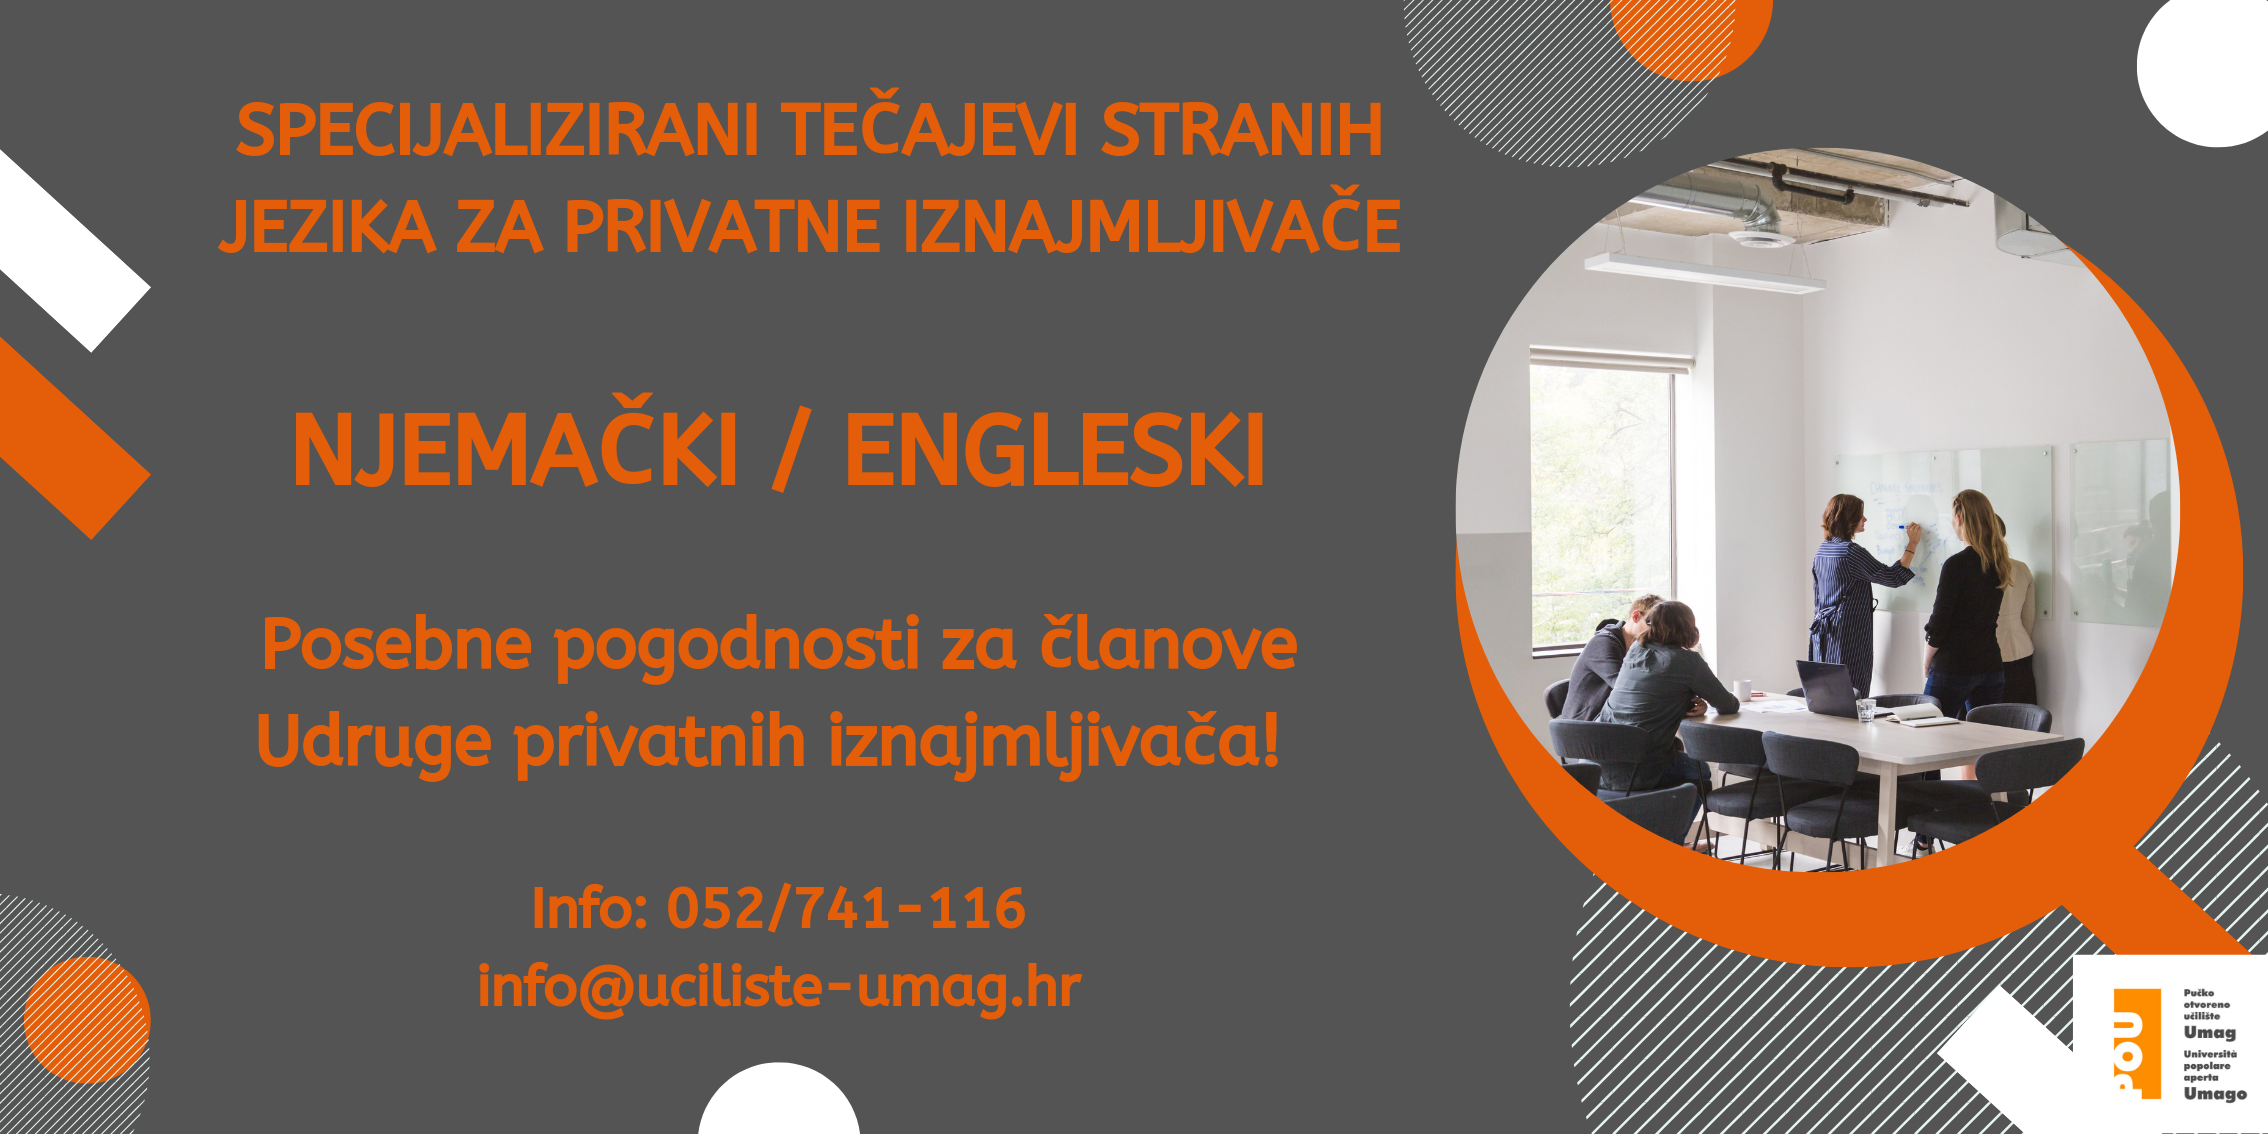 Specijalizirani tečajevi stranih jezika za privatne iznajmljivače